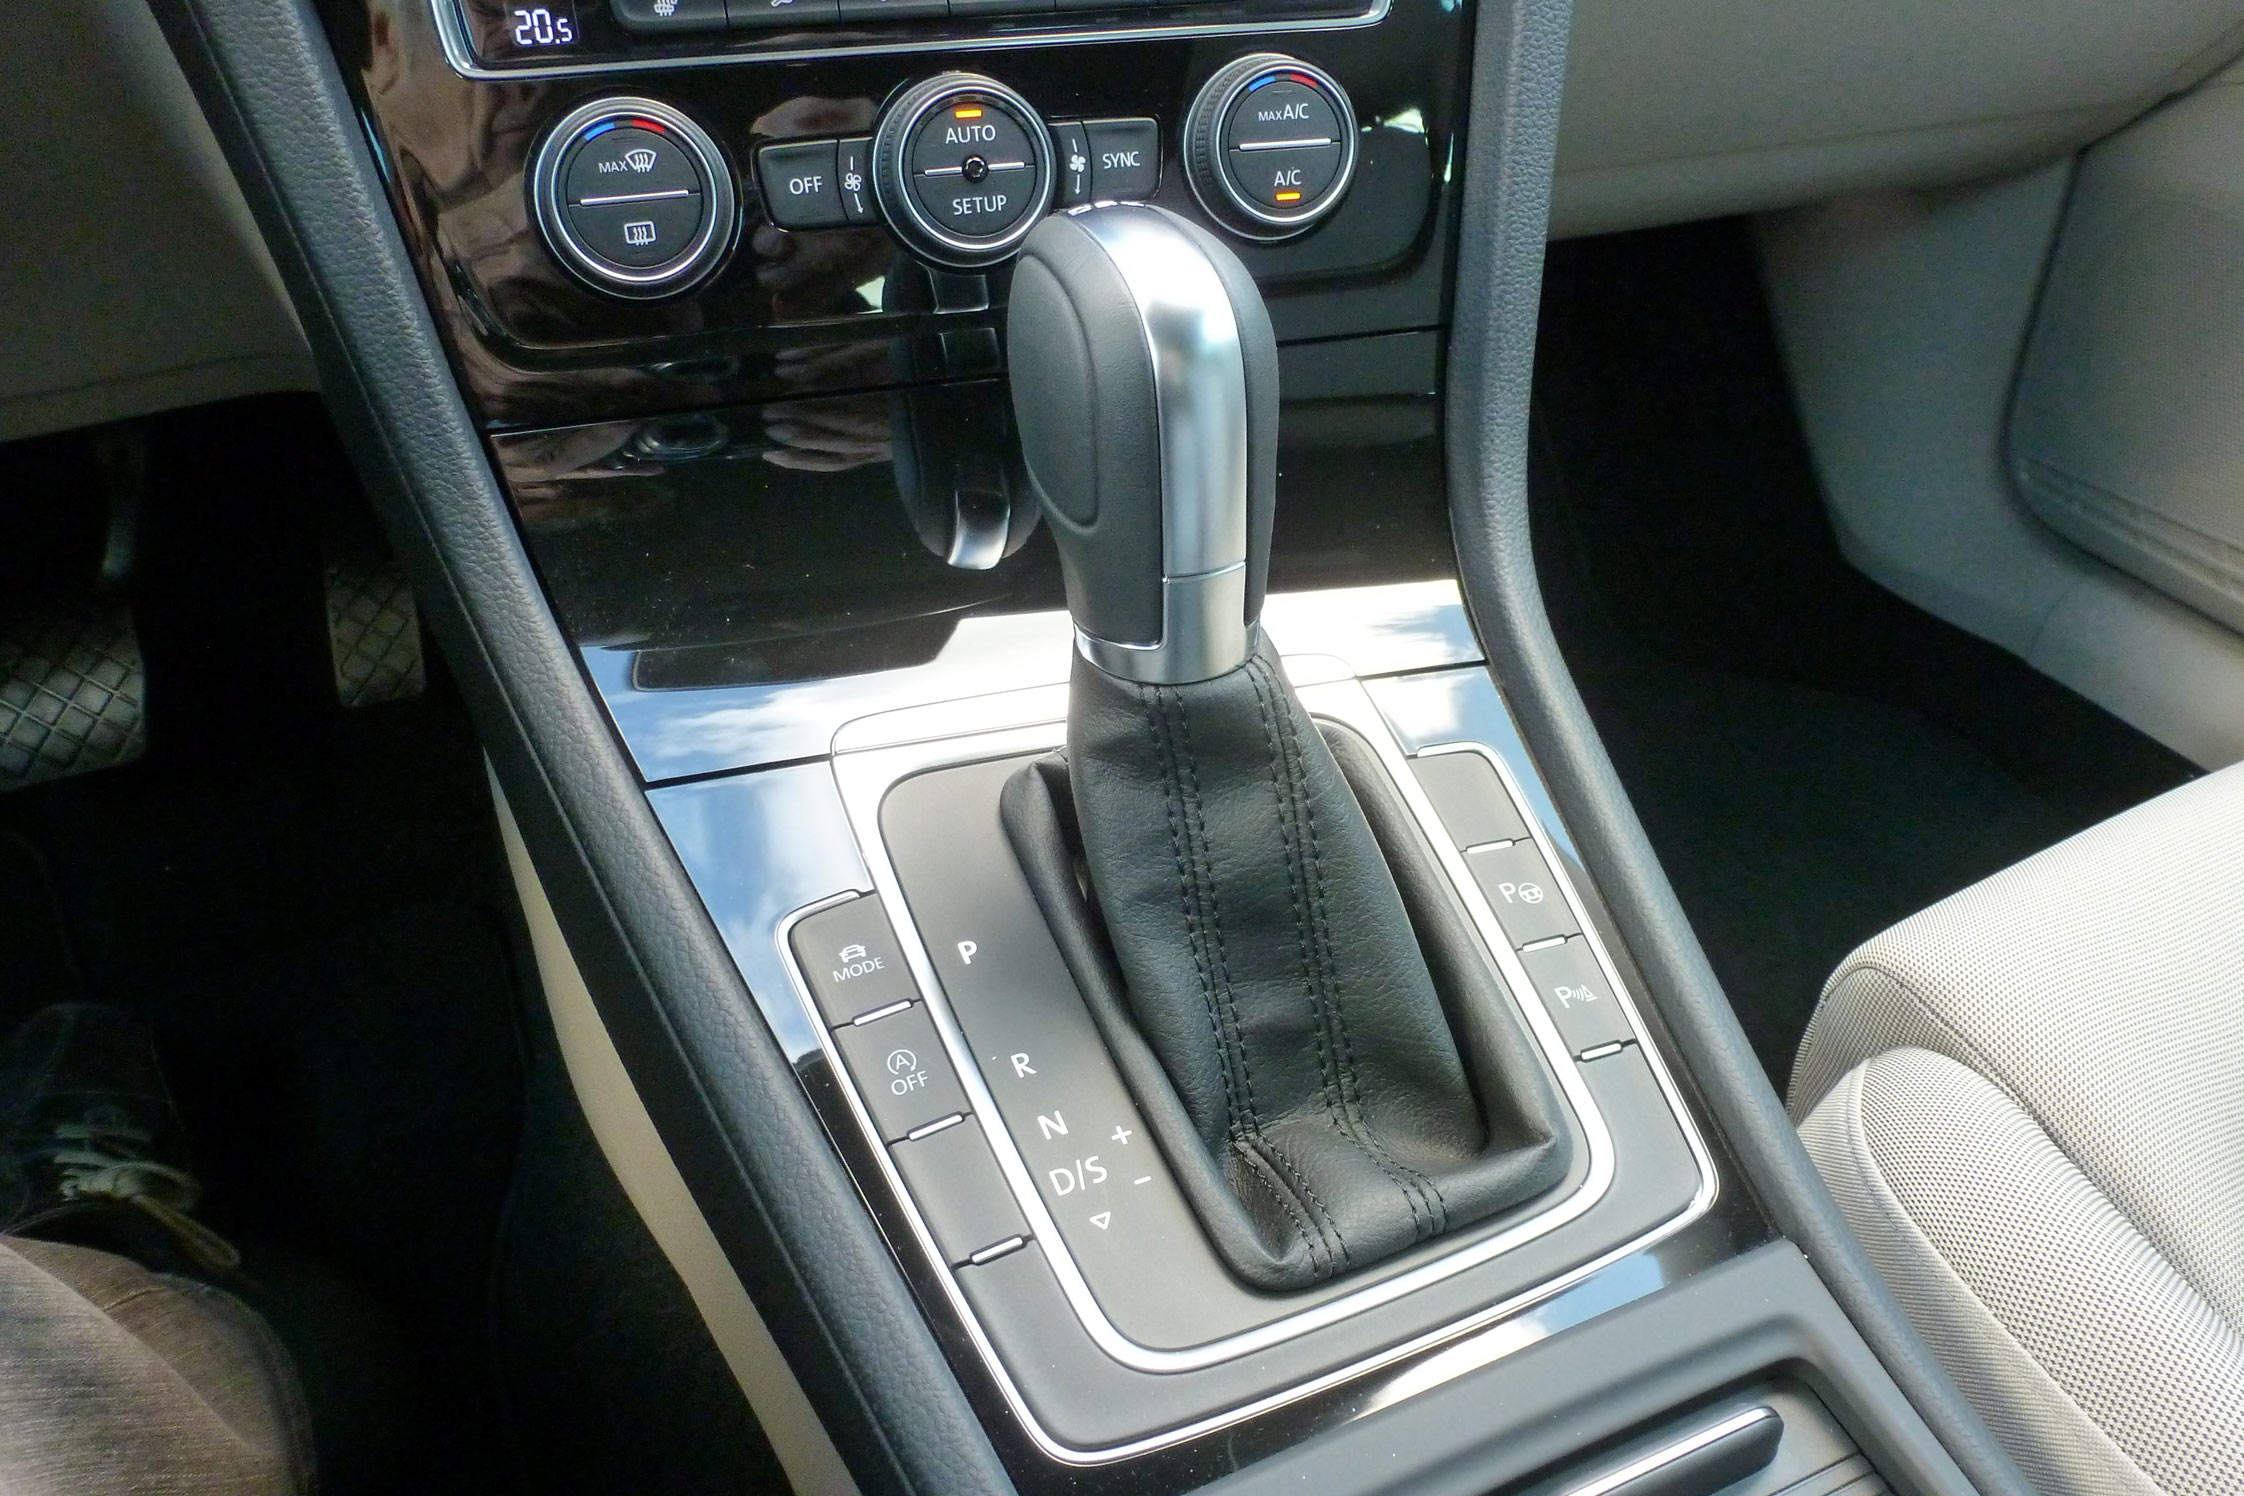 Essai volkswagen golf 7 motorlegend - Comment demonter console centrale golf ...